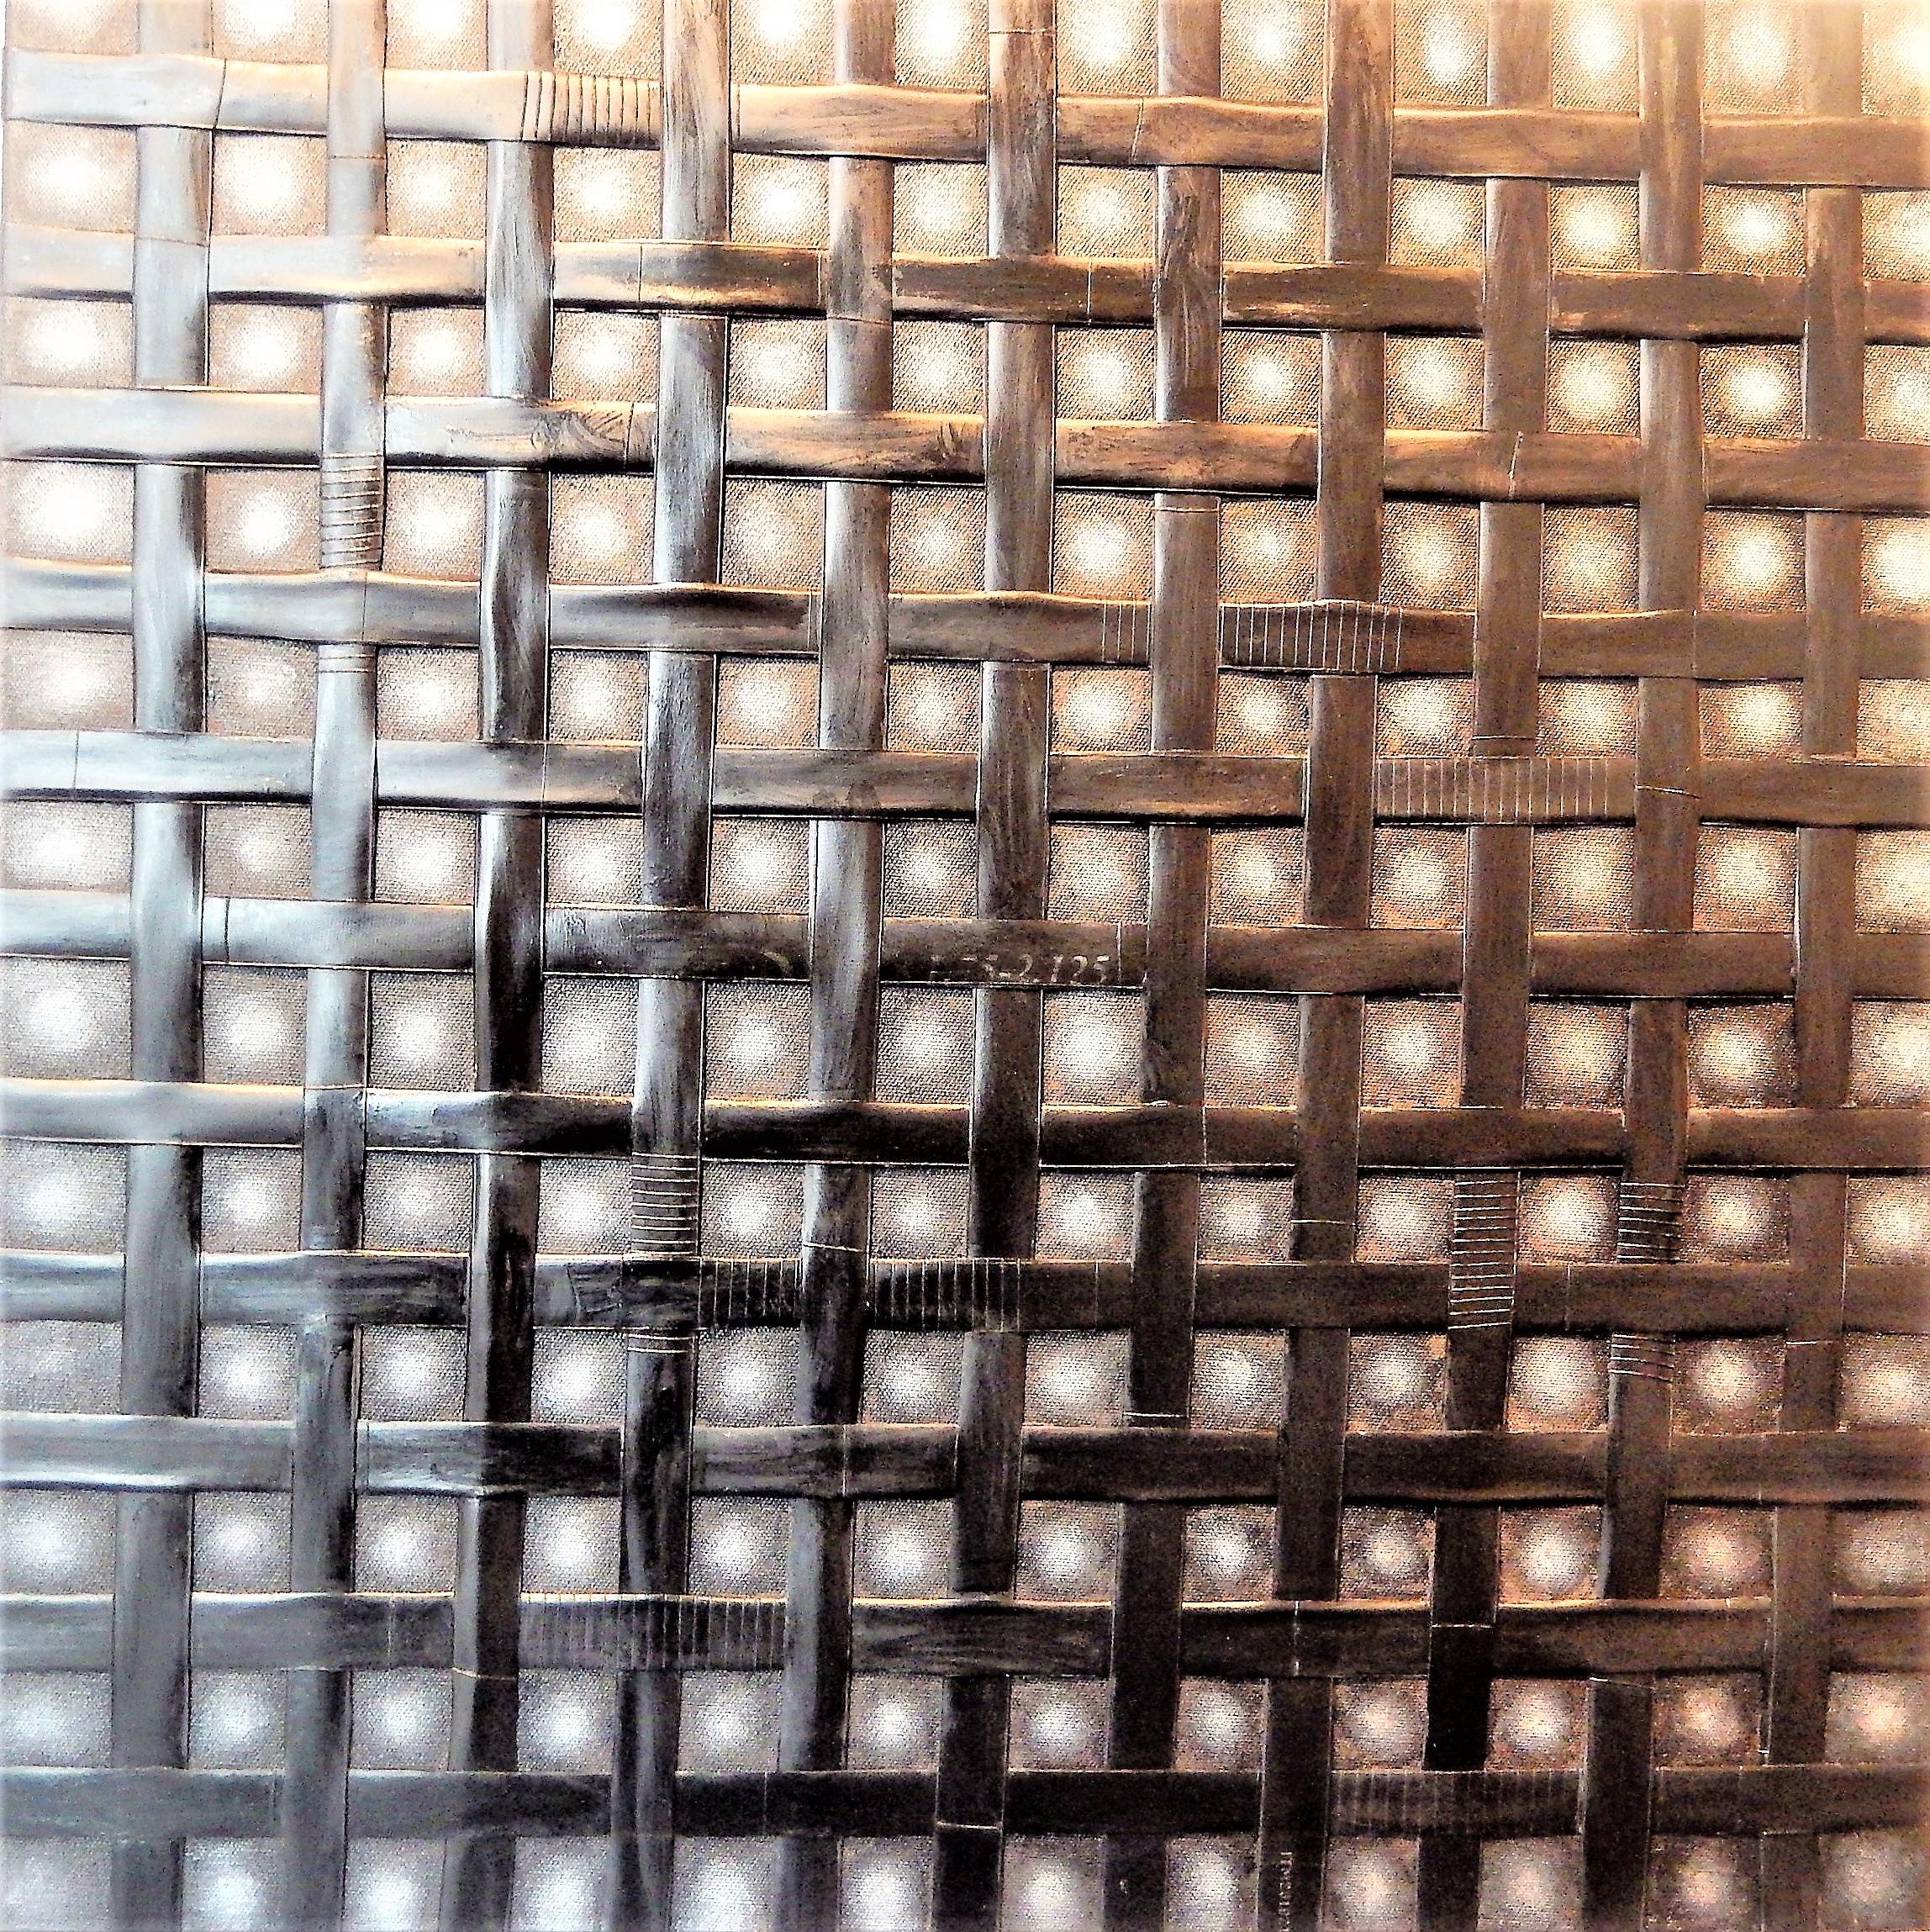 Trames,_60_X_660_cm,_chambres_à_air_sur_toile,_peinture_acrylique